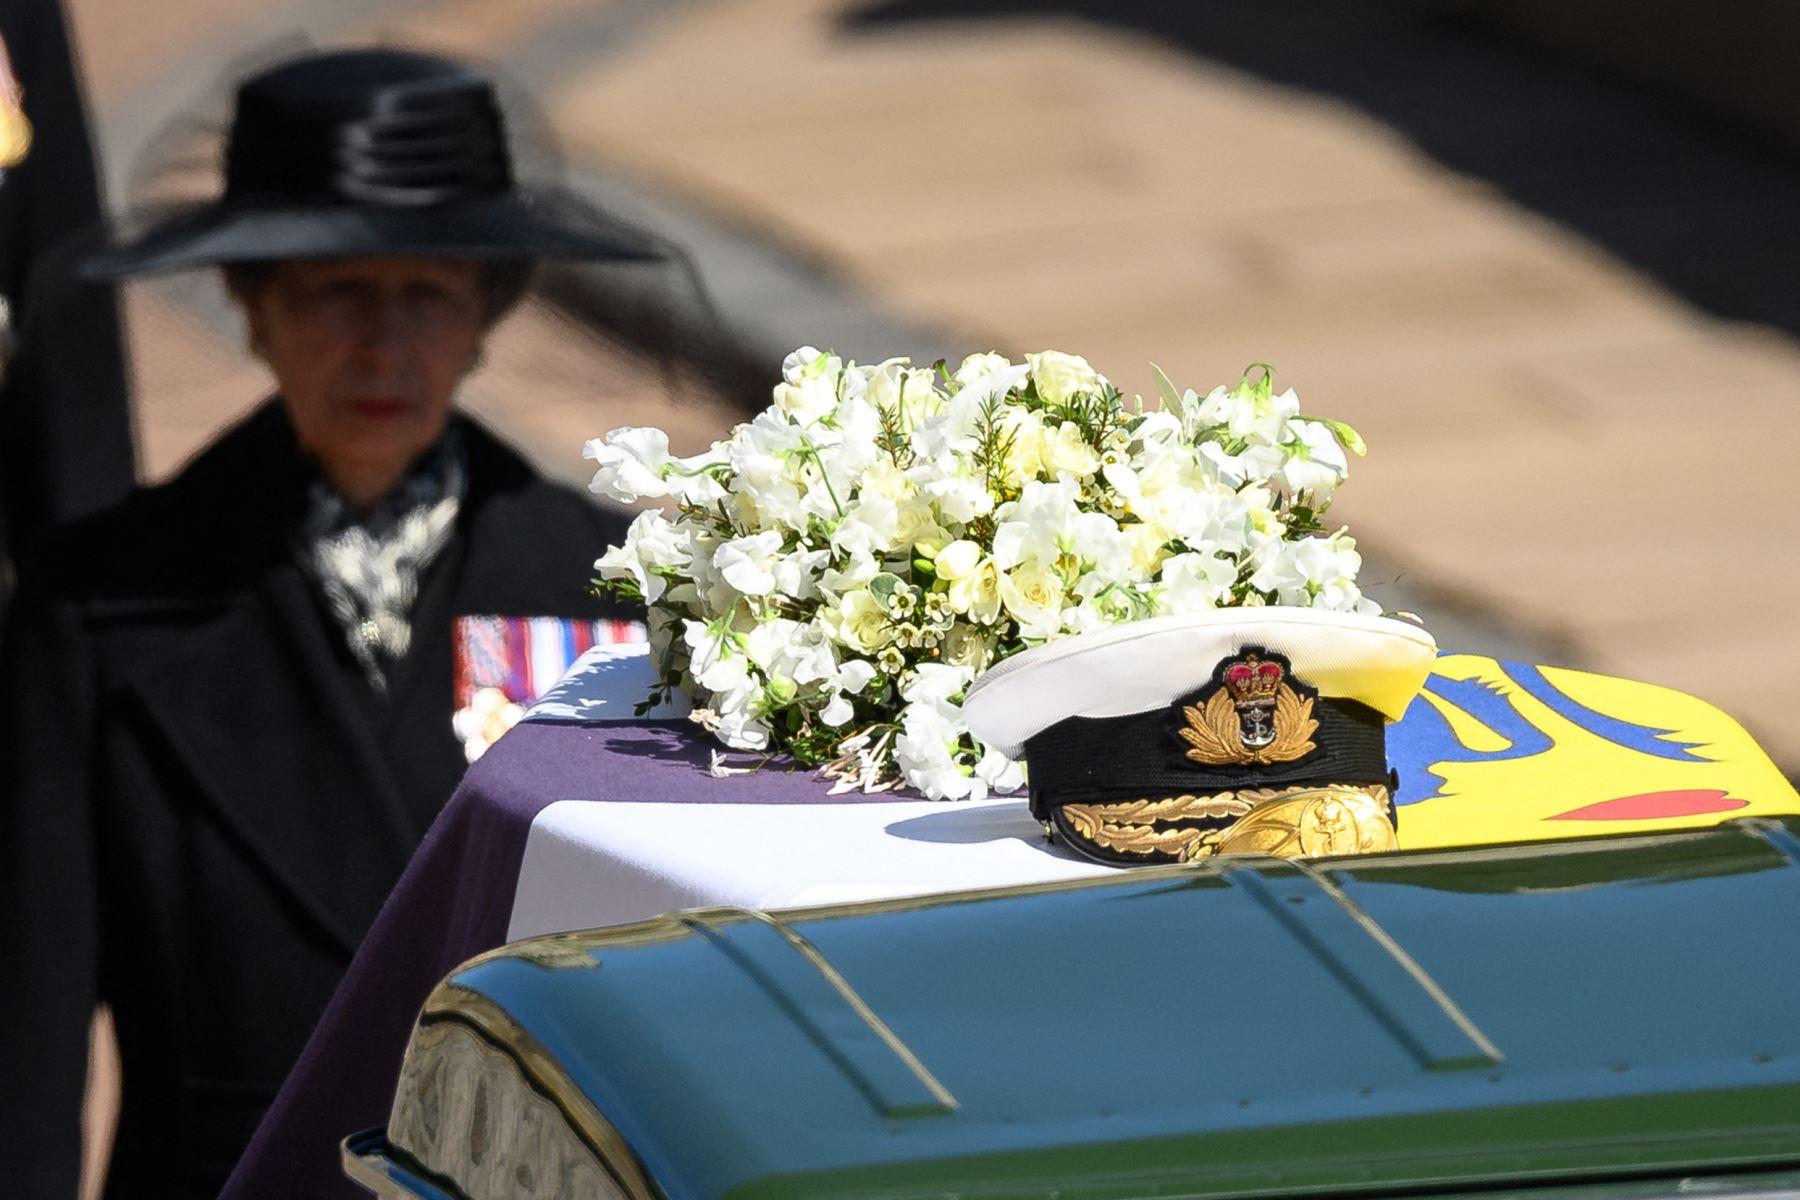 La Princesa Ana de Gran Bretaña, Princesa Real, sigue el ataúd durante la procesión ceremonial del Príncipe Felipe, Duque de Edimburgo, hasta la Capilla de San Jorge en el Castillo de Windsor en Windsor, al oeste de Londres. Foto: AFP